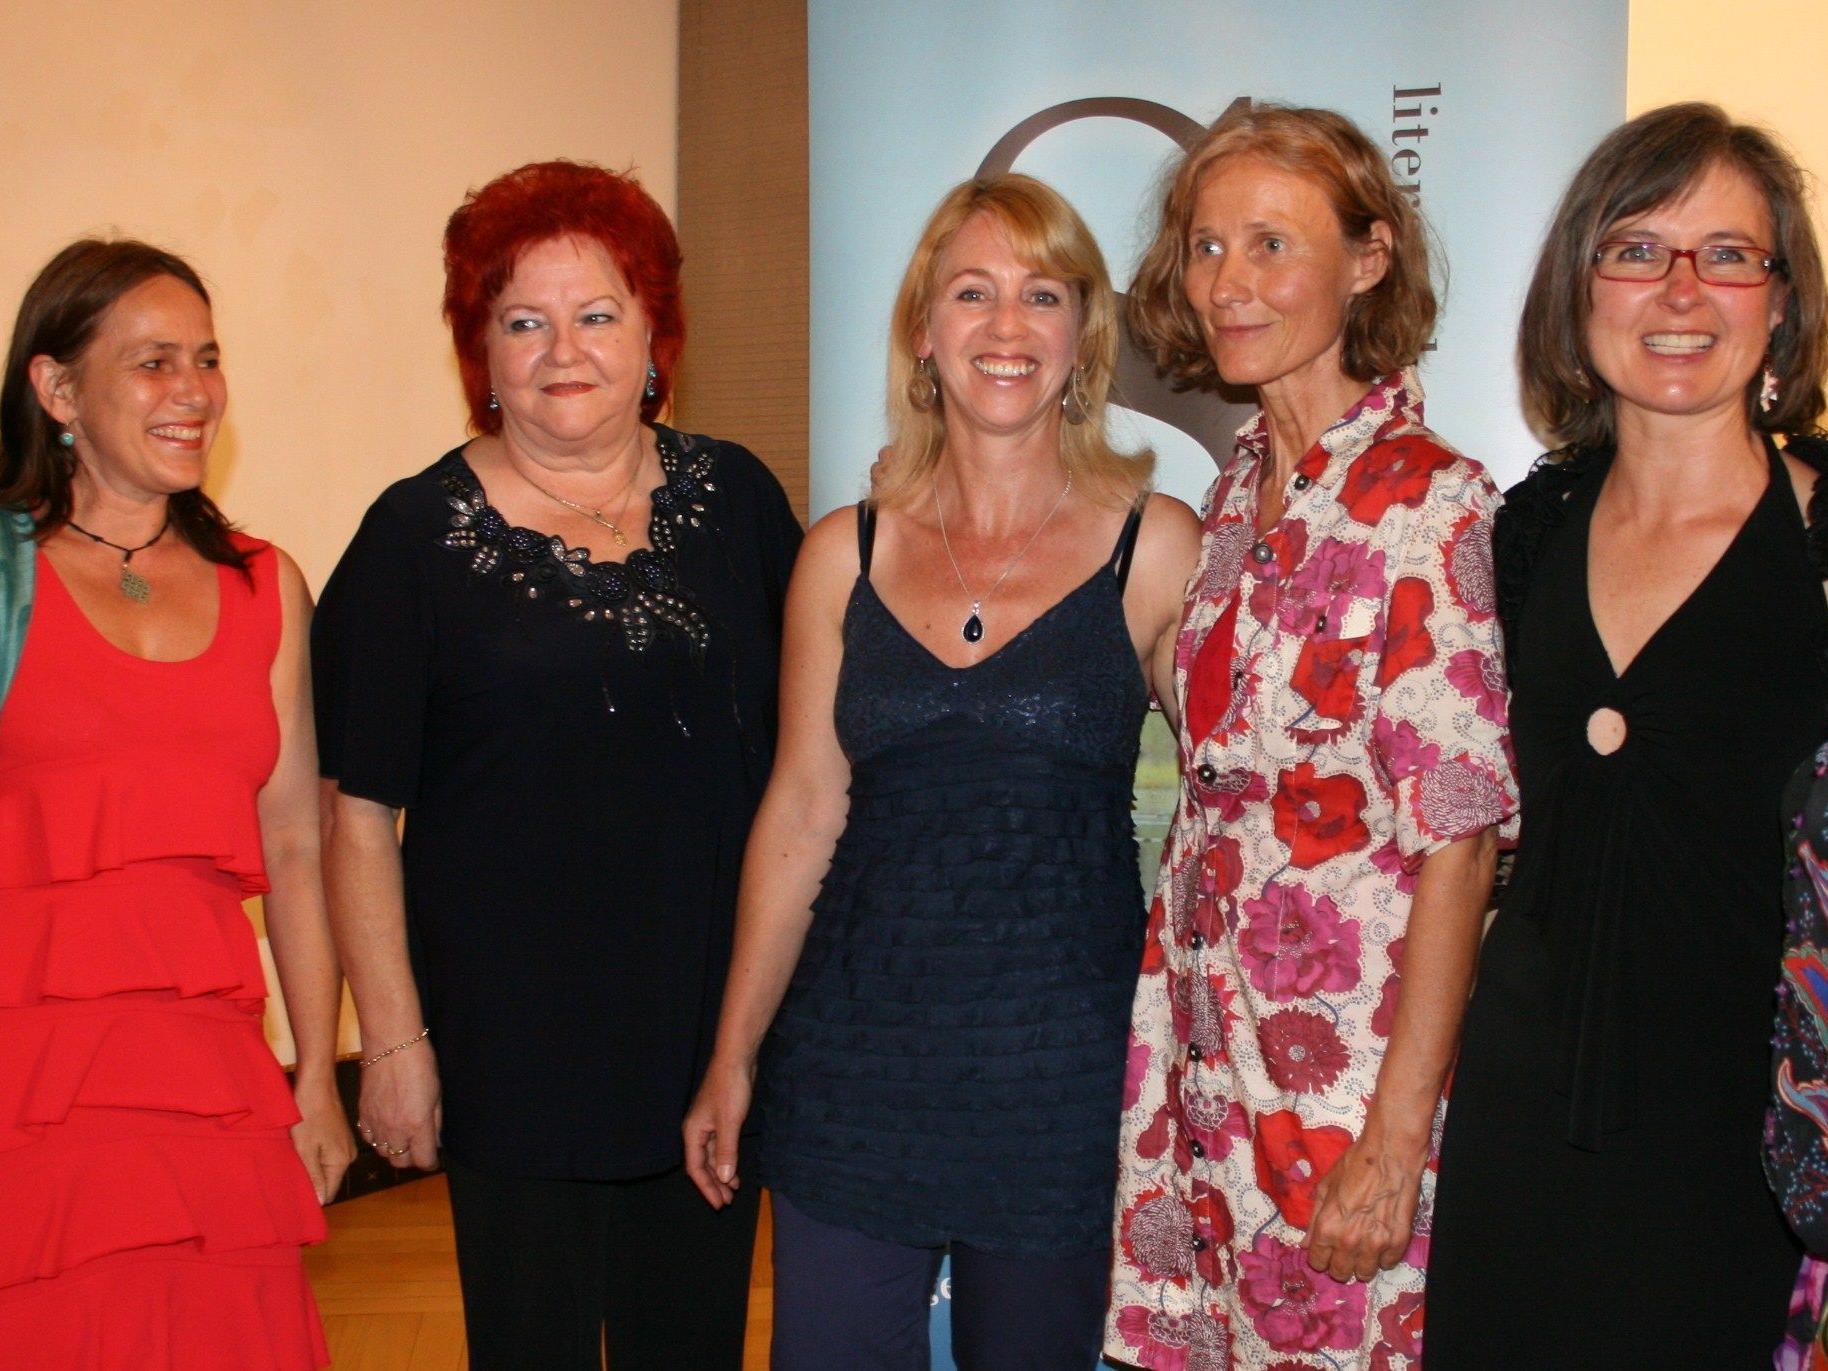 Projektleiterin Brigitte Riedmann mit den Autorinnen Judith Konzett, Mary Rieger, Waltraud Travaglini-Konzett, Karin Tarabochia, Irene Nägele-Schwaiger und Martha Domig-Werner (v.l.).